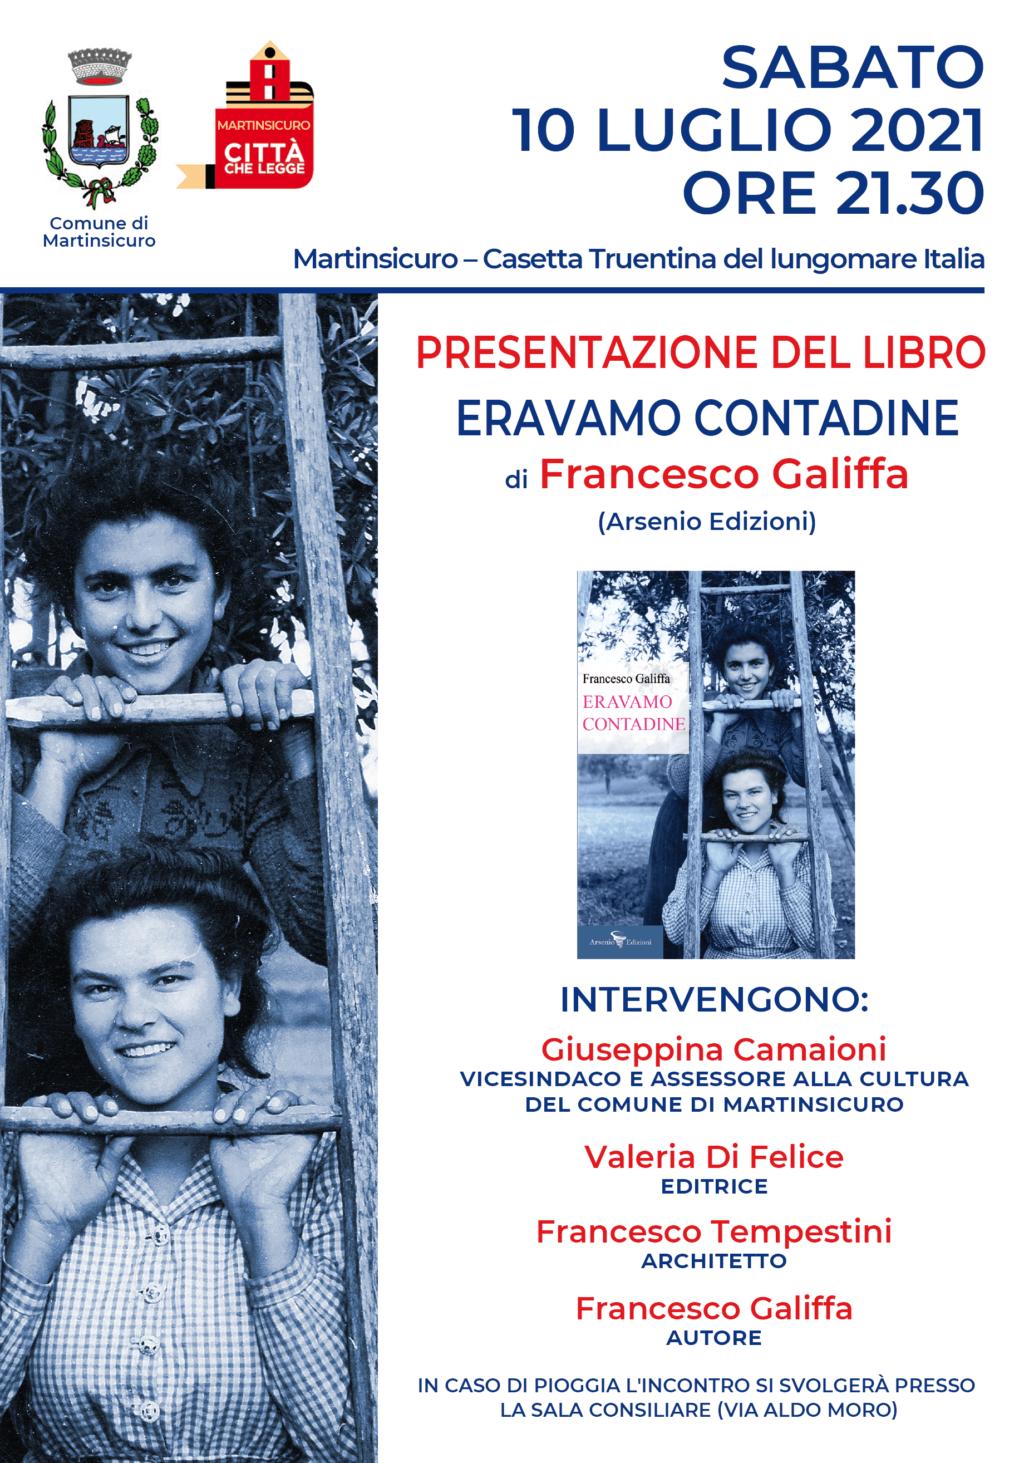 Eravamo contadine, il nuovo libro di Francesco Galiffa a Martinsicuro